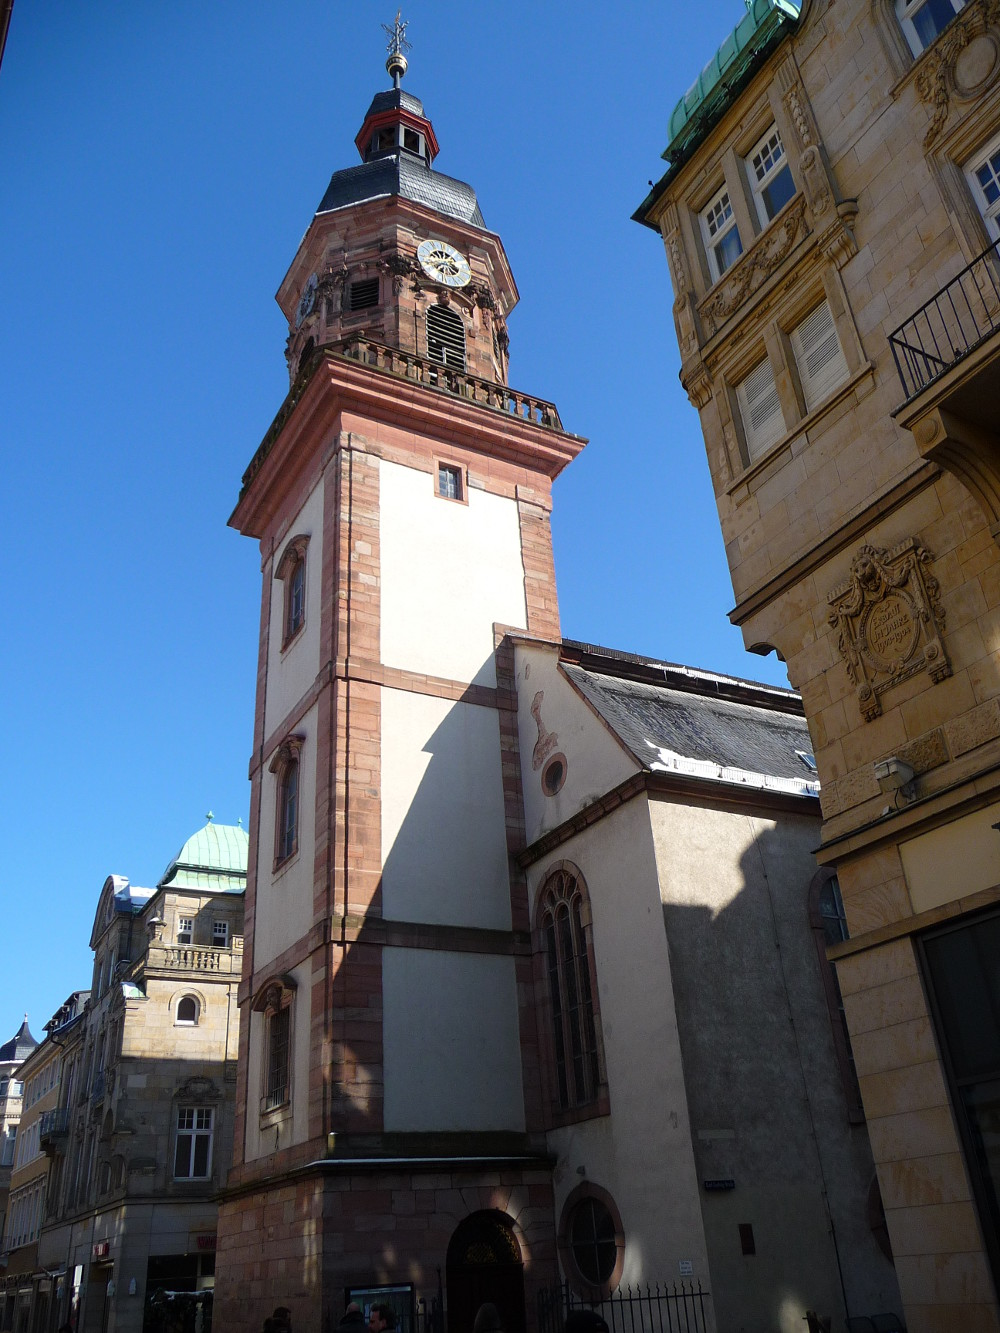 Providenzkirche